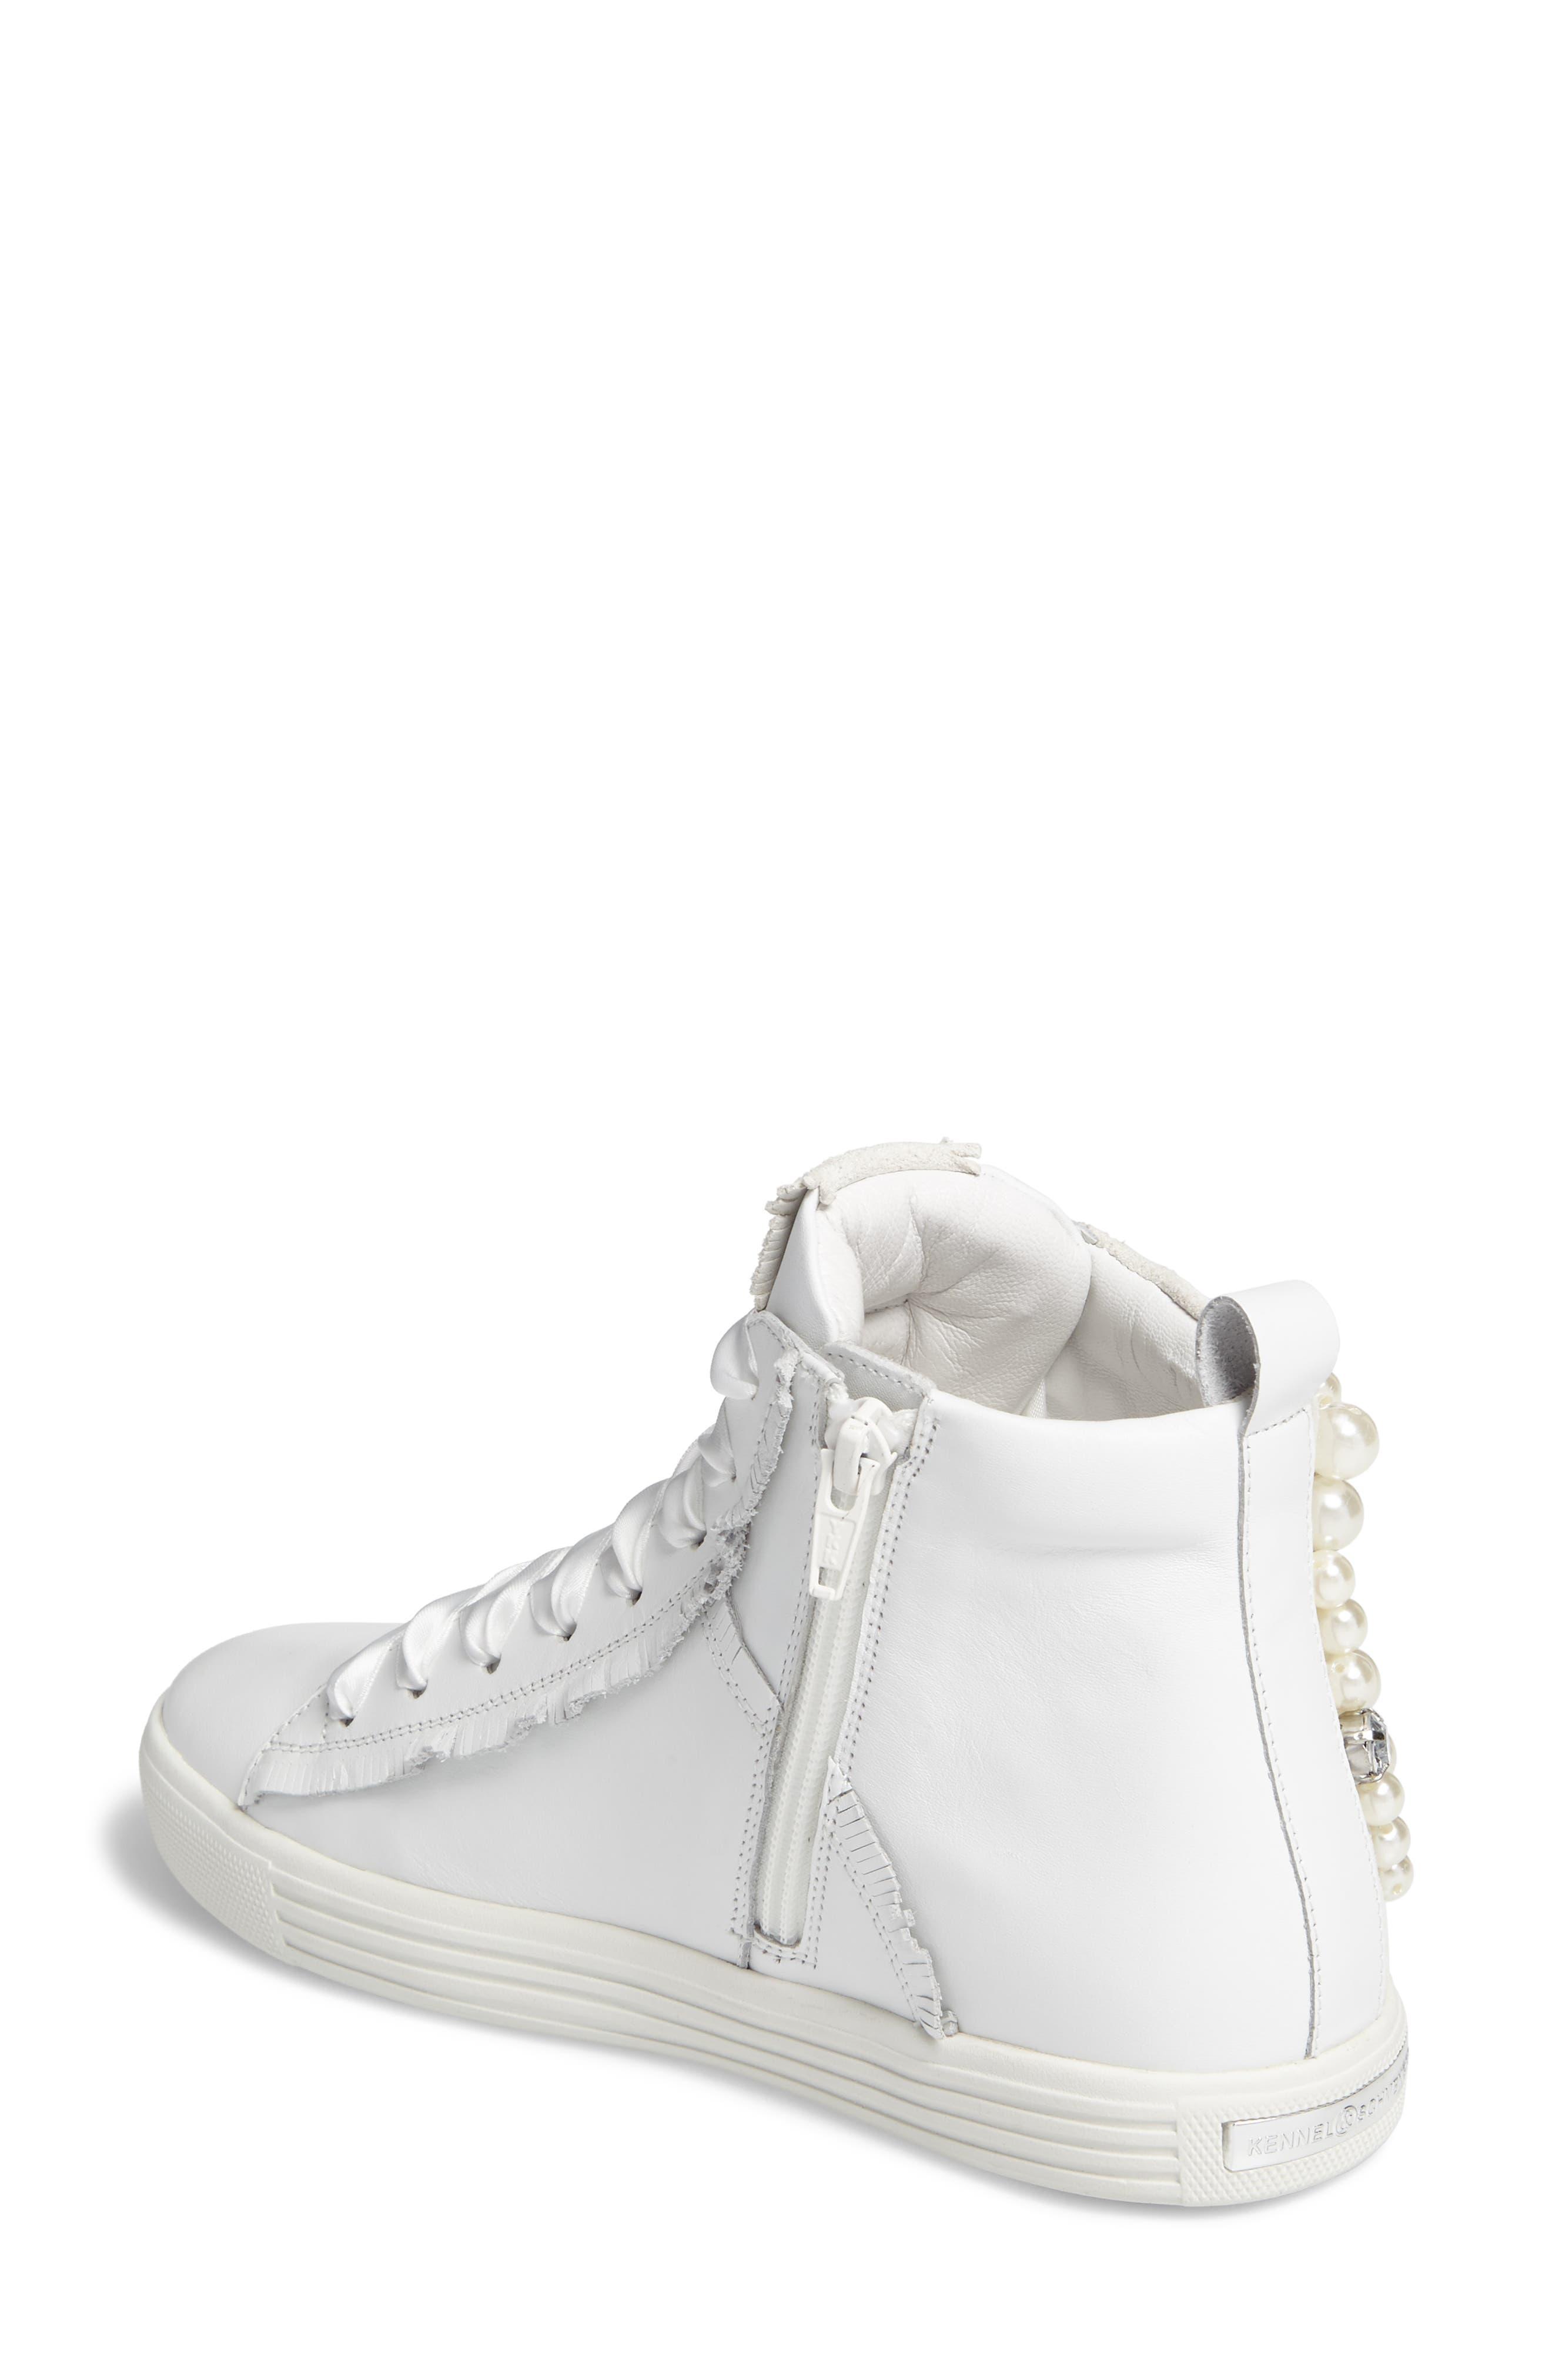 Kennel & Schmenger Town Flower High Top Sneaker,                             Alternate thumbnail 2, color,                             White